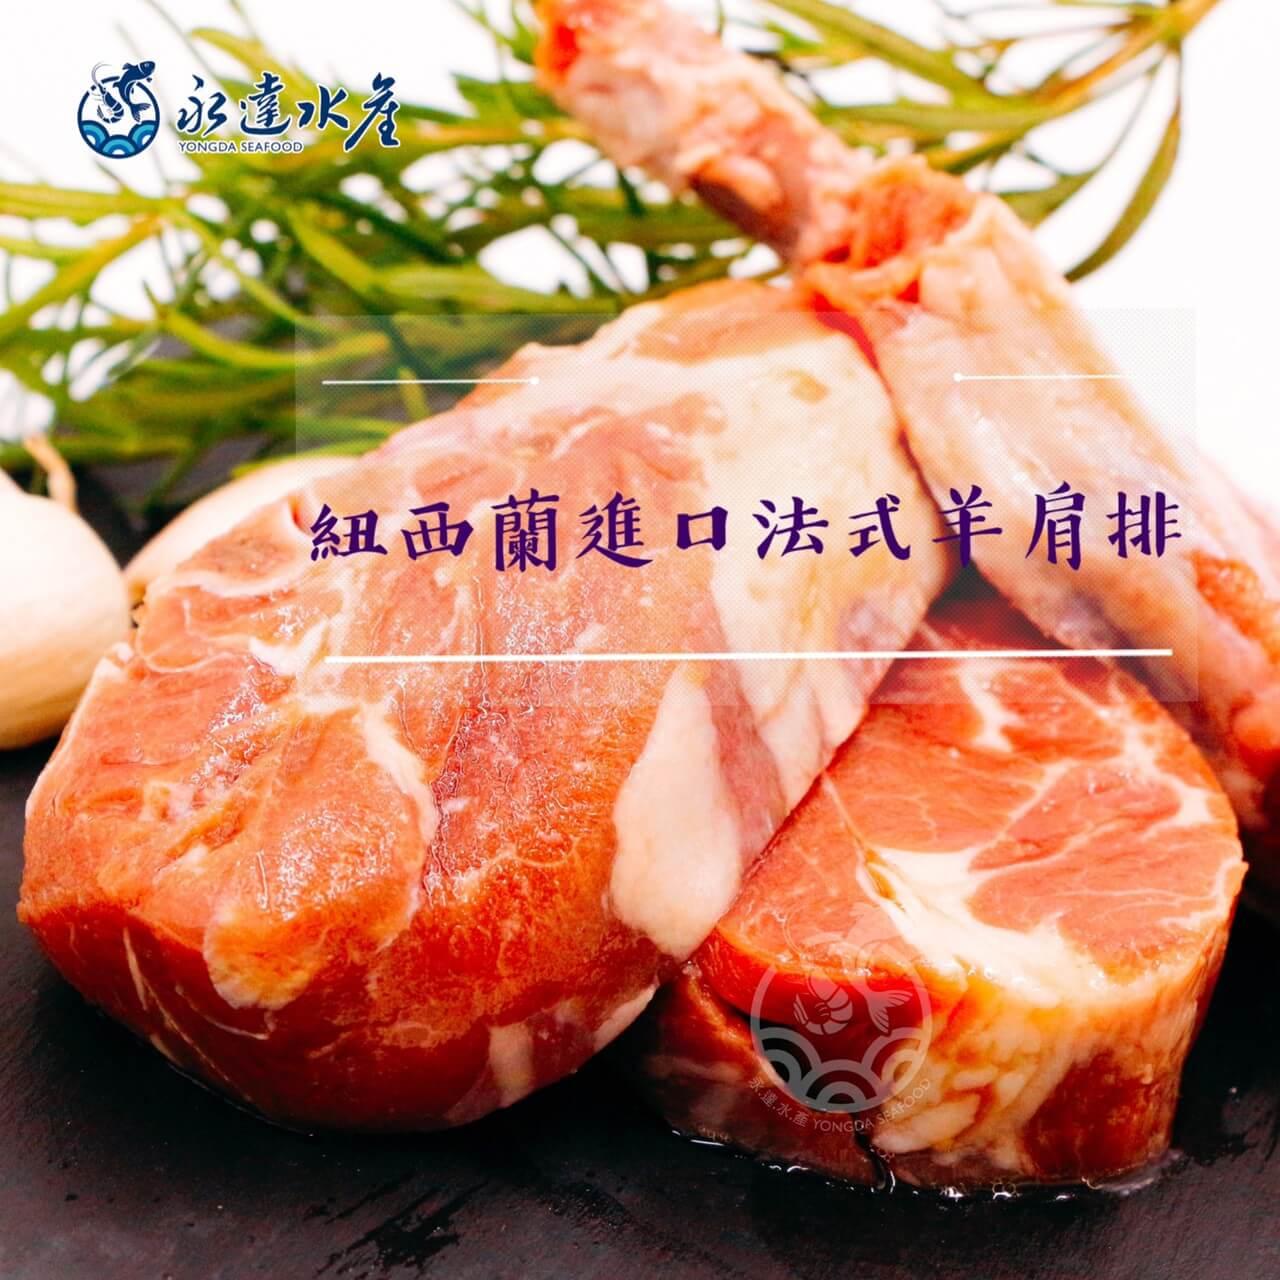 肉品|紐西蘭小羔羊肩排|小羔羊肩排|羊肩排|羊肩|羊排|羊肉